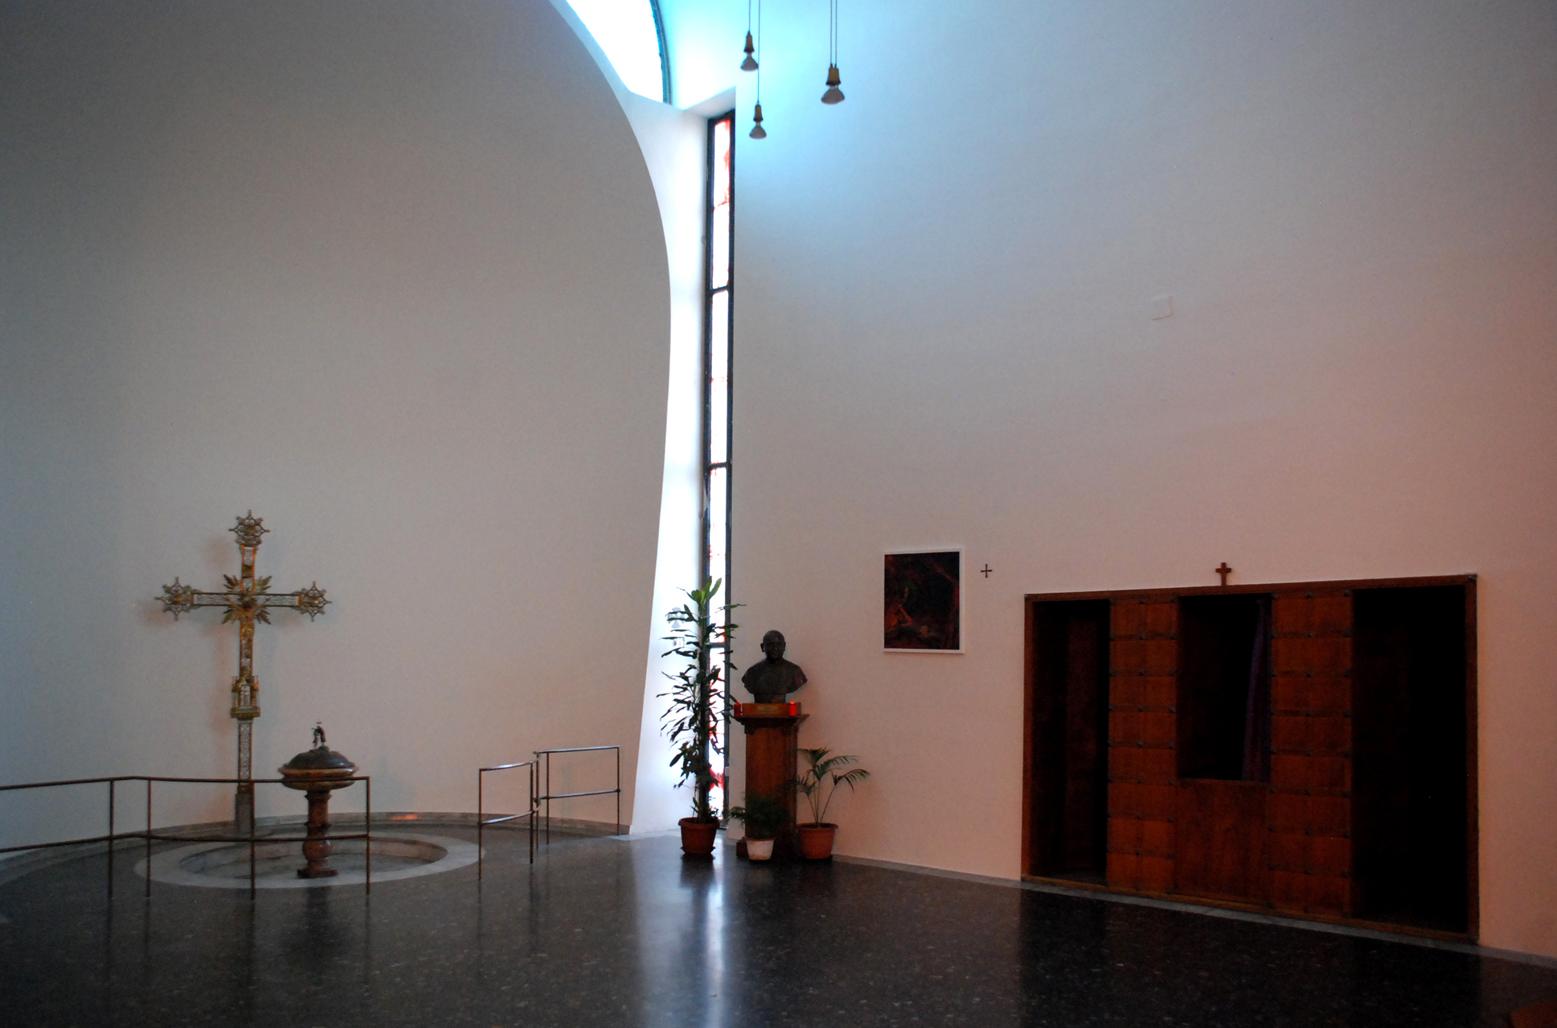 Abside e vetrata inquadrano e nobilitano lo spazio del battistero, prossimo al quanle è posto il confessionale. La vasca è a pavimento, semplice e tonda. La simbolicità è affidata all'elaboraizone spaziale dell'insieme (foto Andrea Longhi).